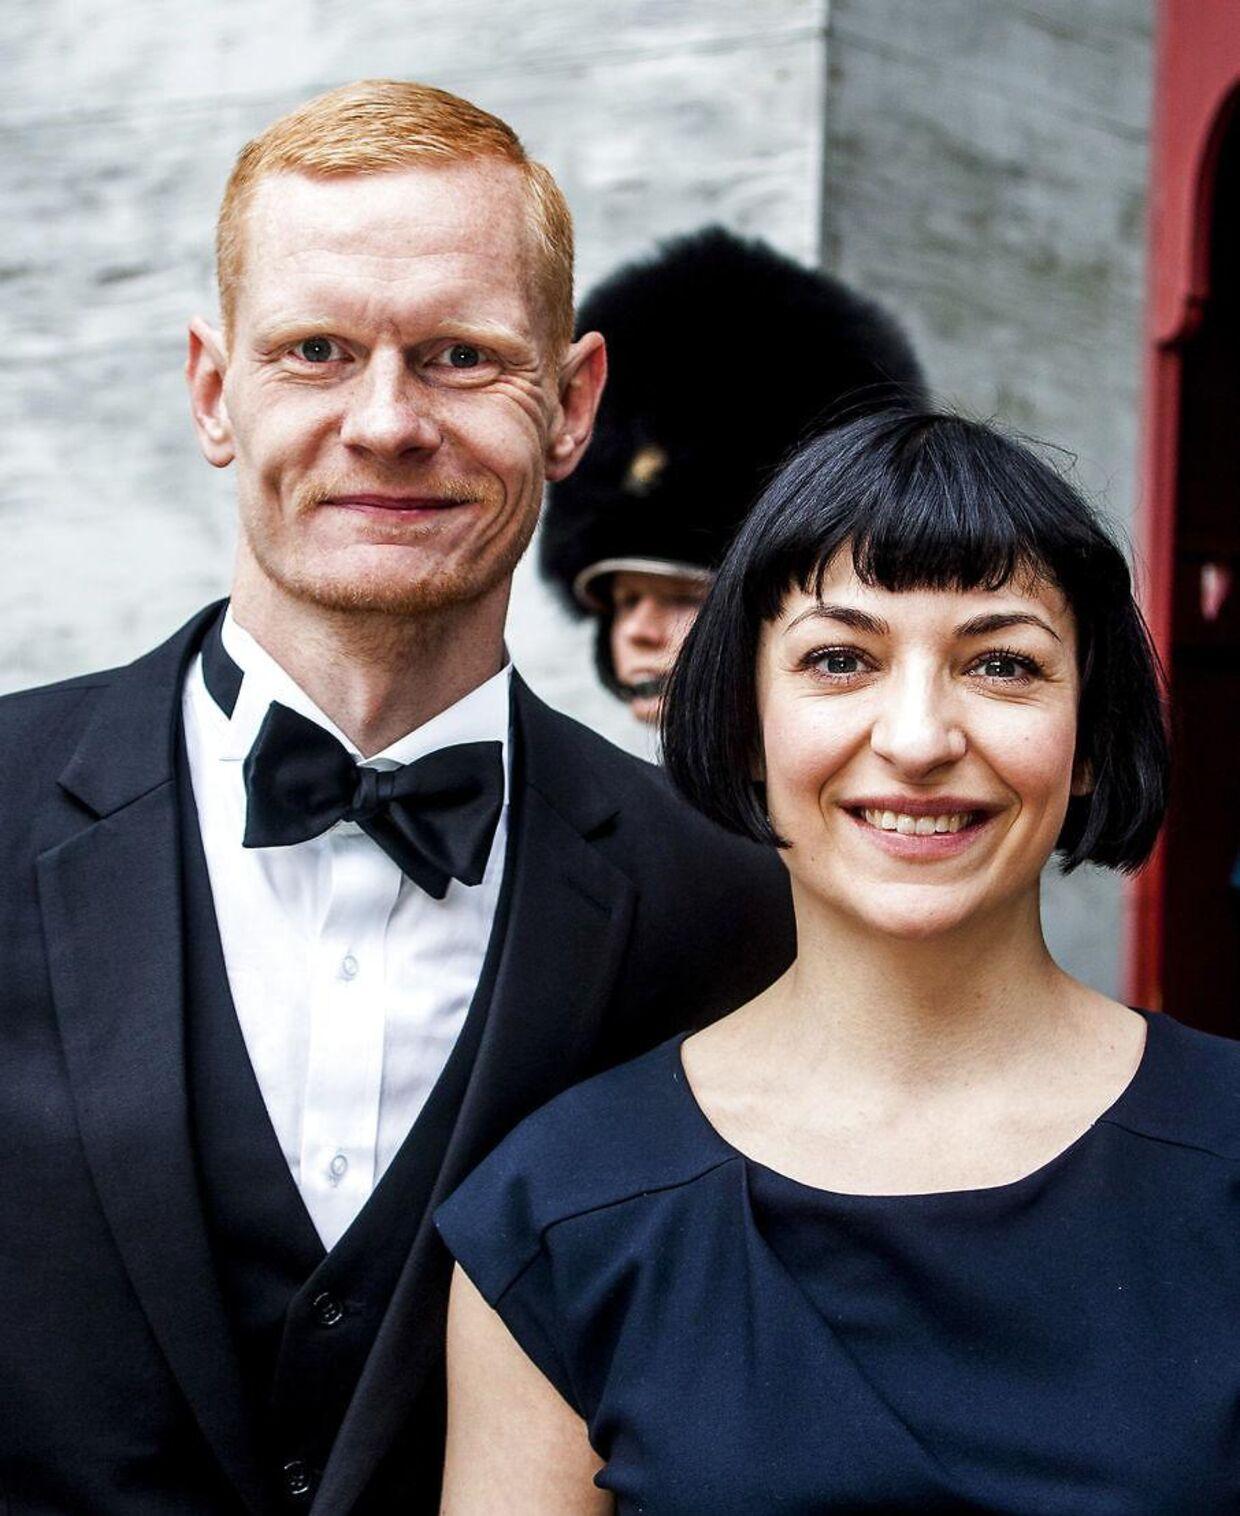 Peter Plaugborg og Elisa Kragerup har været venner i 15 år. Her ses de i 2016.